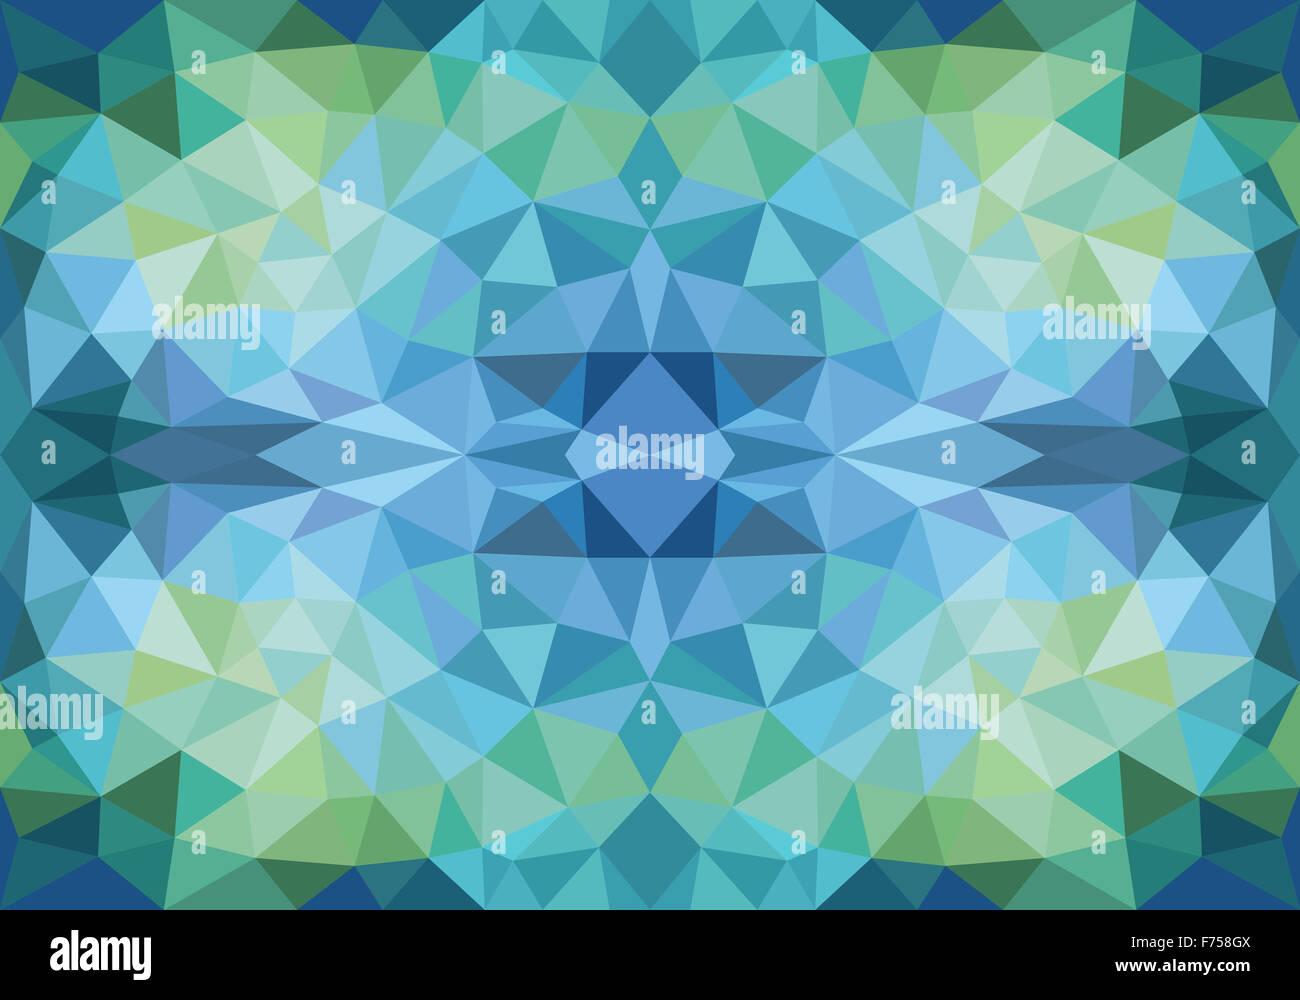 Geometrica astratta blu e verde pattern poligonali, seamless sfondo vettoriale Immagini Stock